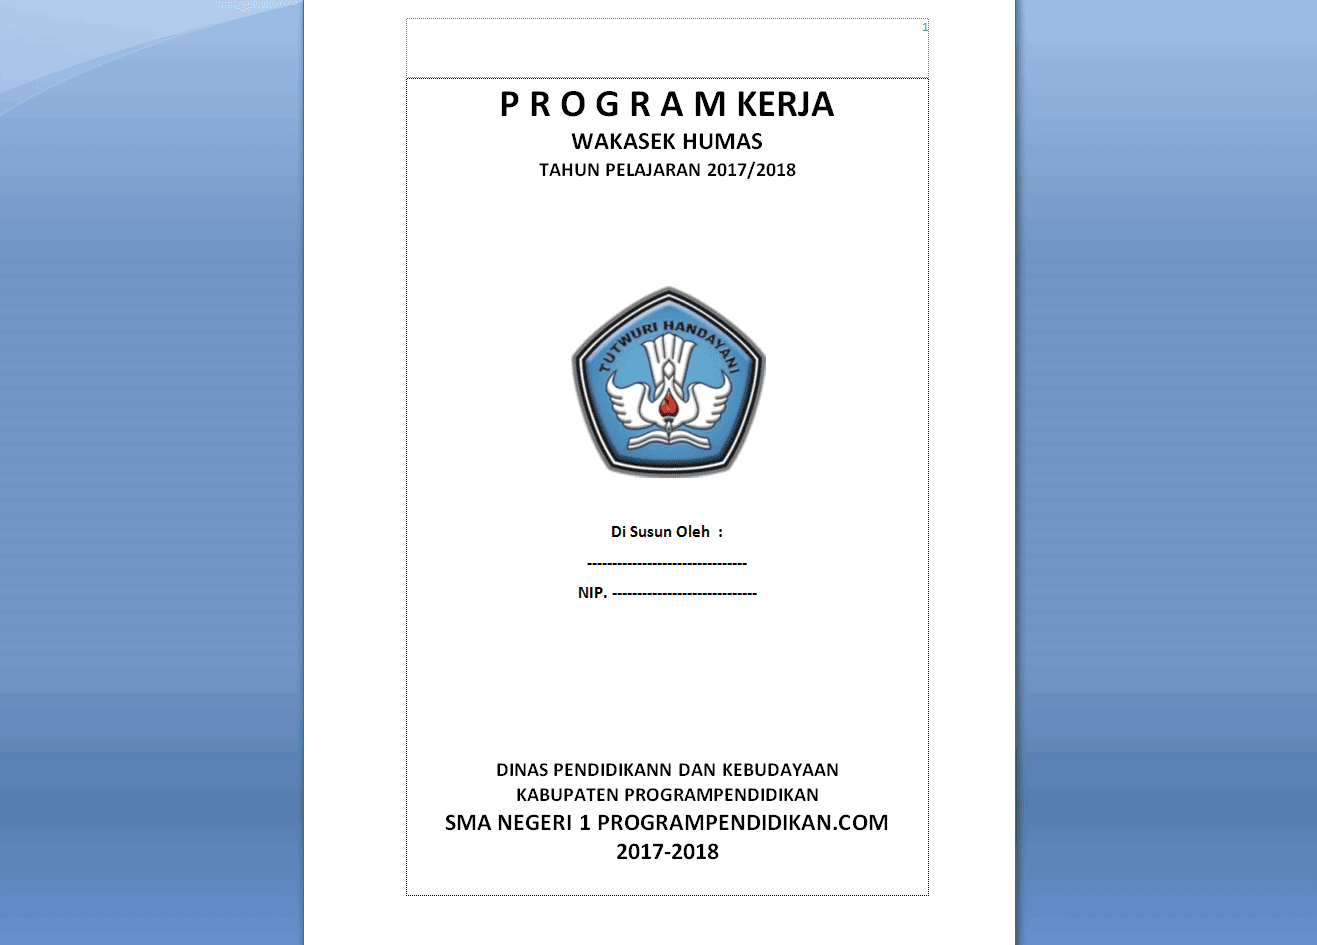 Contoh Program Kerja HUMAS SMA Tahun 2018